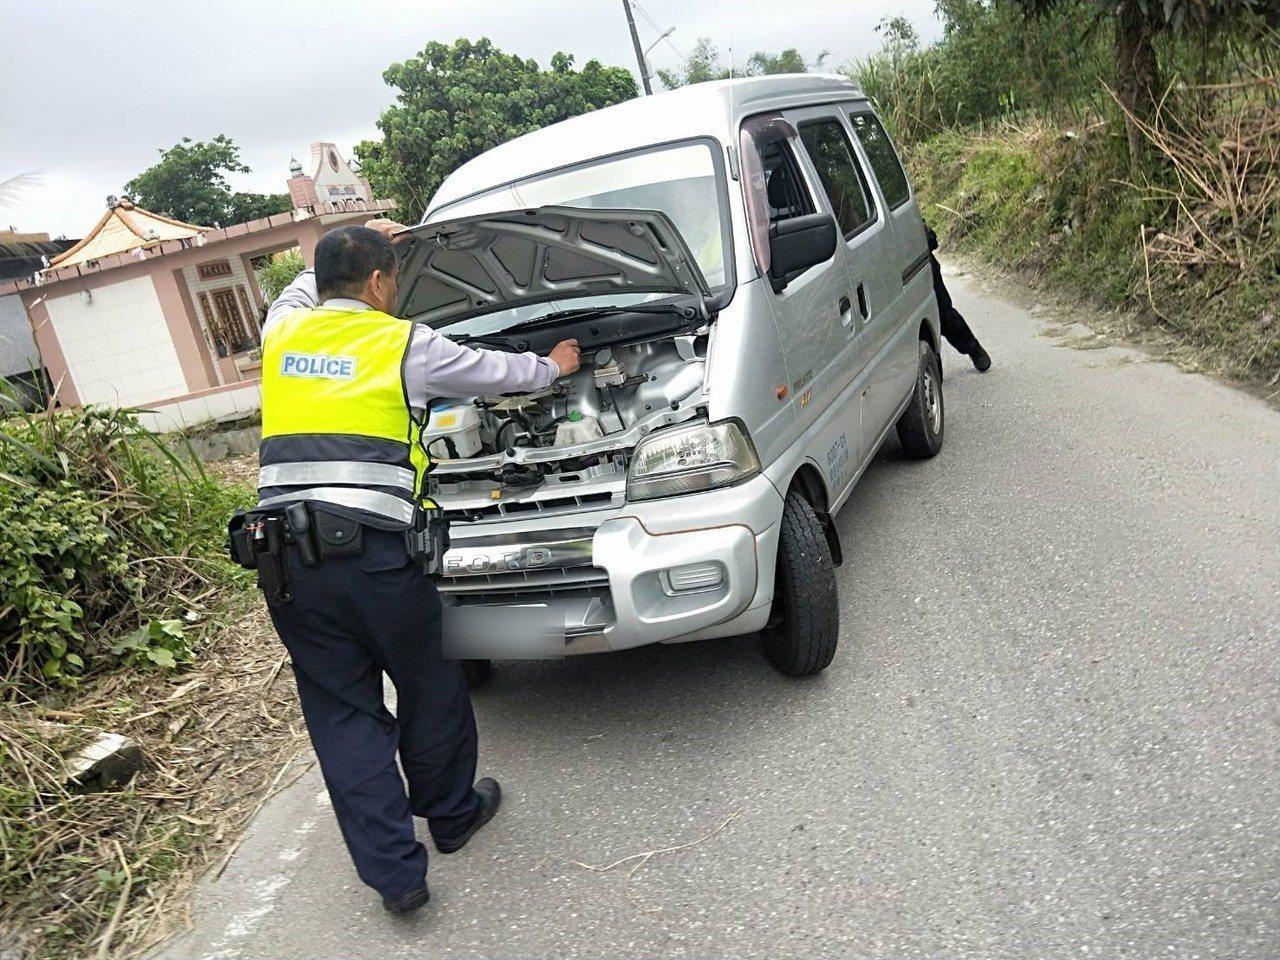 一名婦人昨天前往花蓮市佐倉公墓祭祖,不料離開時車輛在路中熄火,員警替民眾檢查車輛...